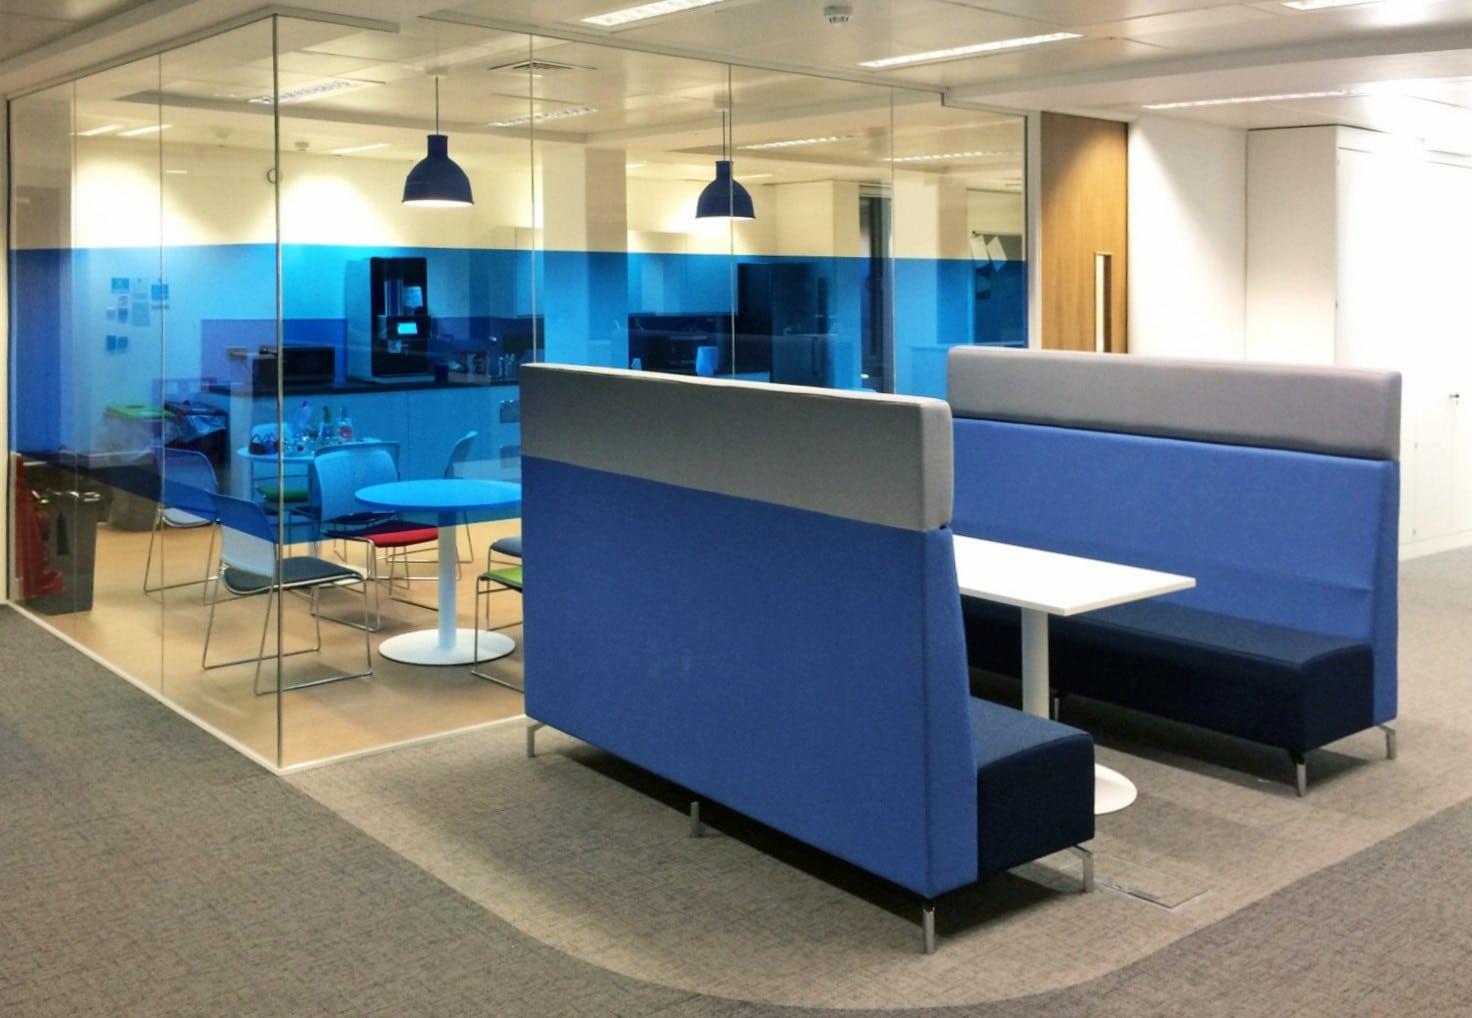 Alcove pour espace confidentialité ergonomique